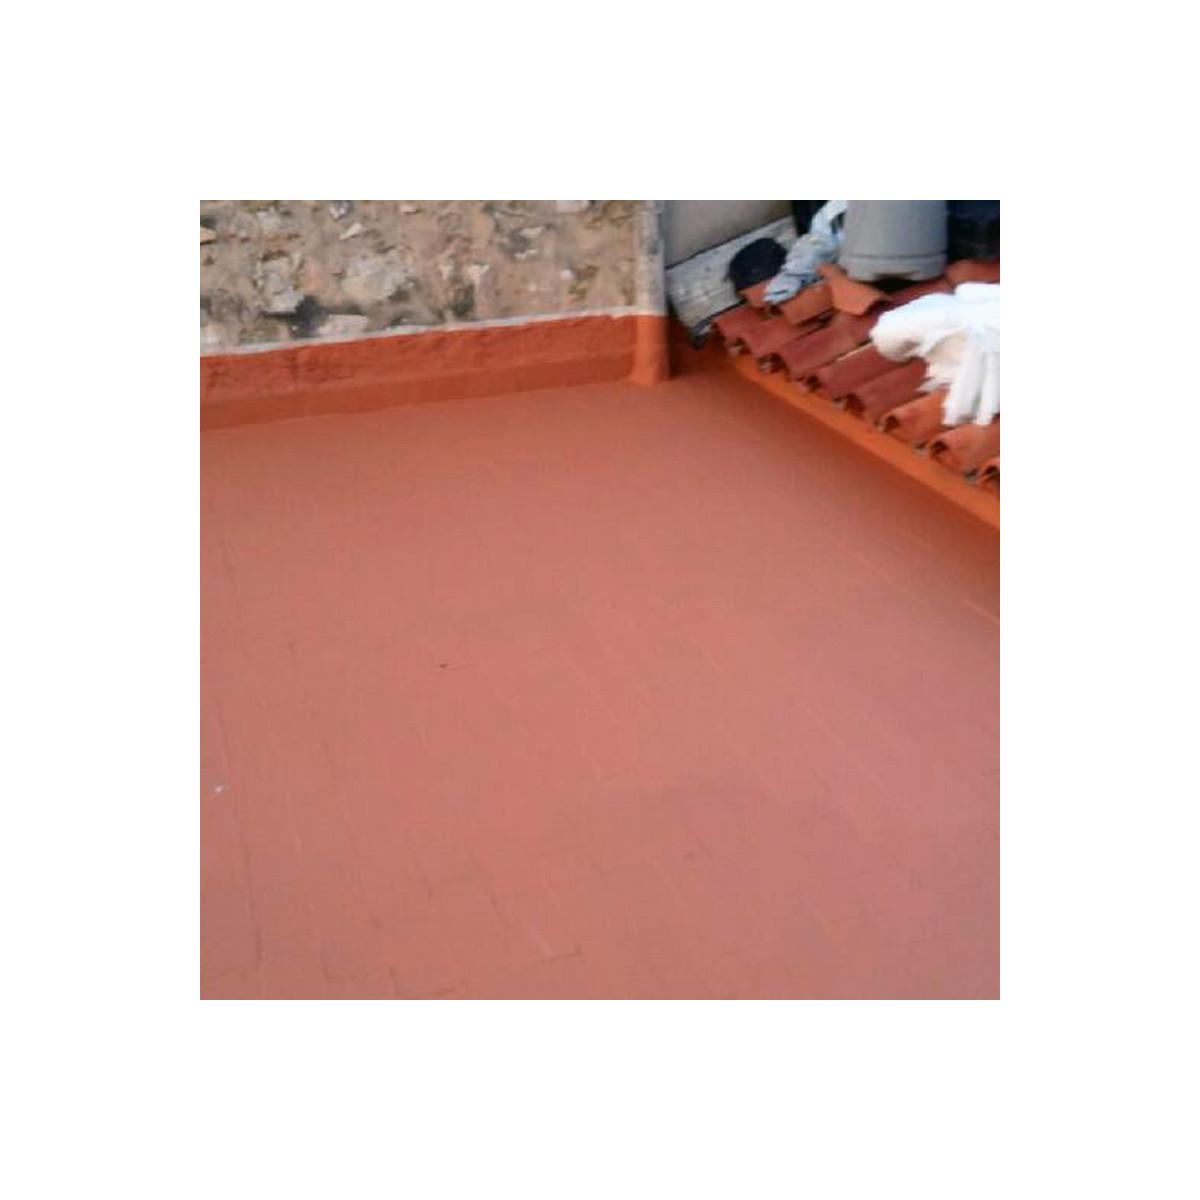 Peinture etancheite toit fissure infiltration for Peinture pour carrelage exterieur